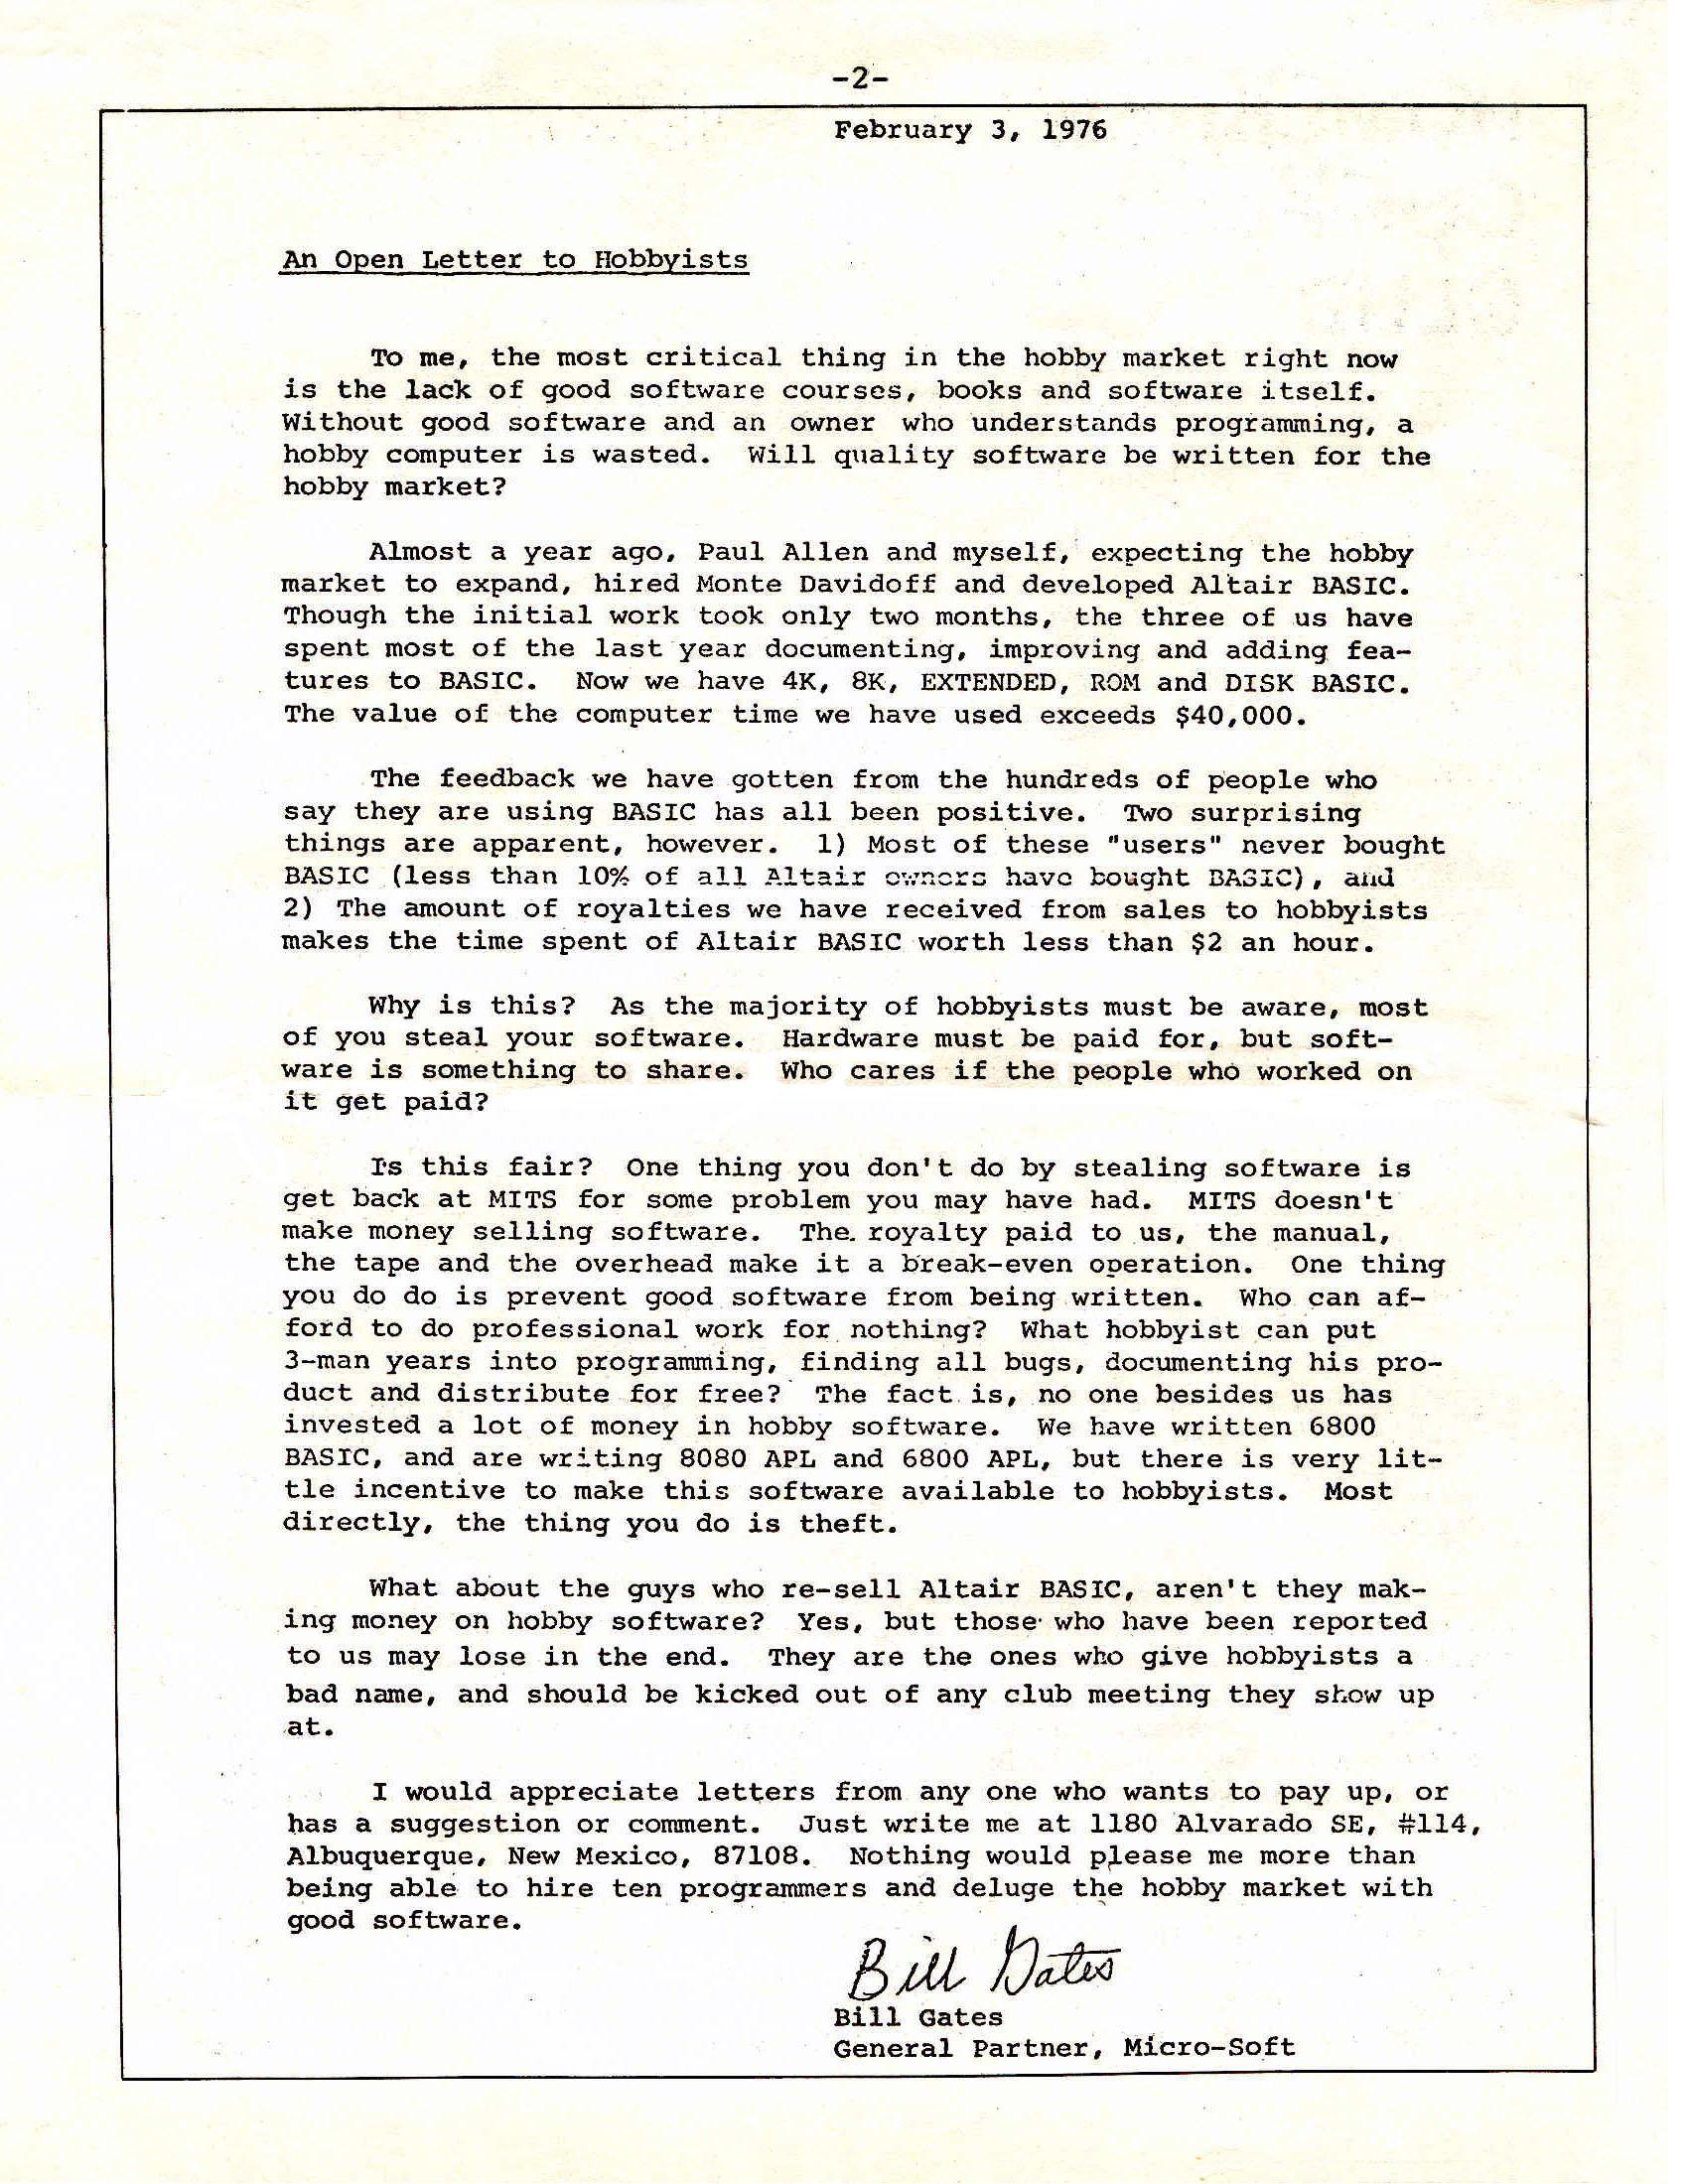 Carta De Bill Gates A Los Aficionados  Informtica